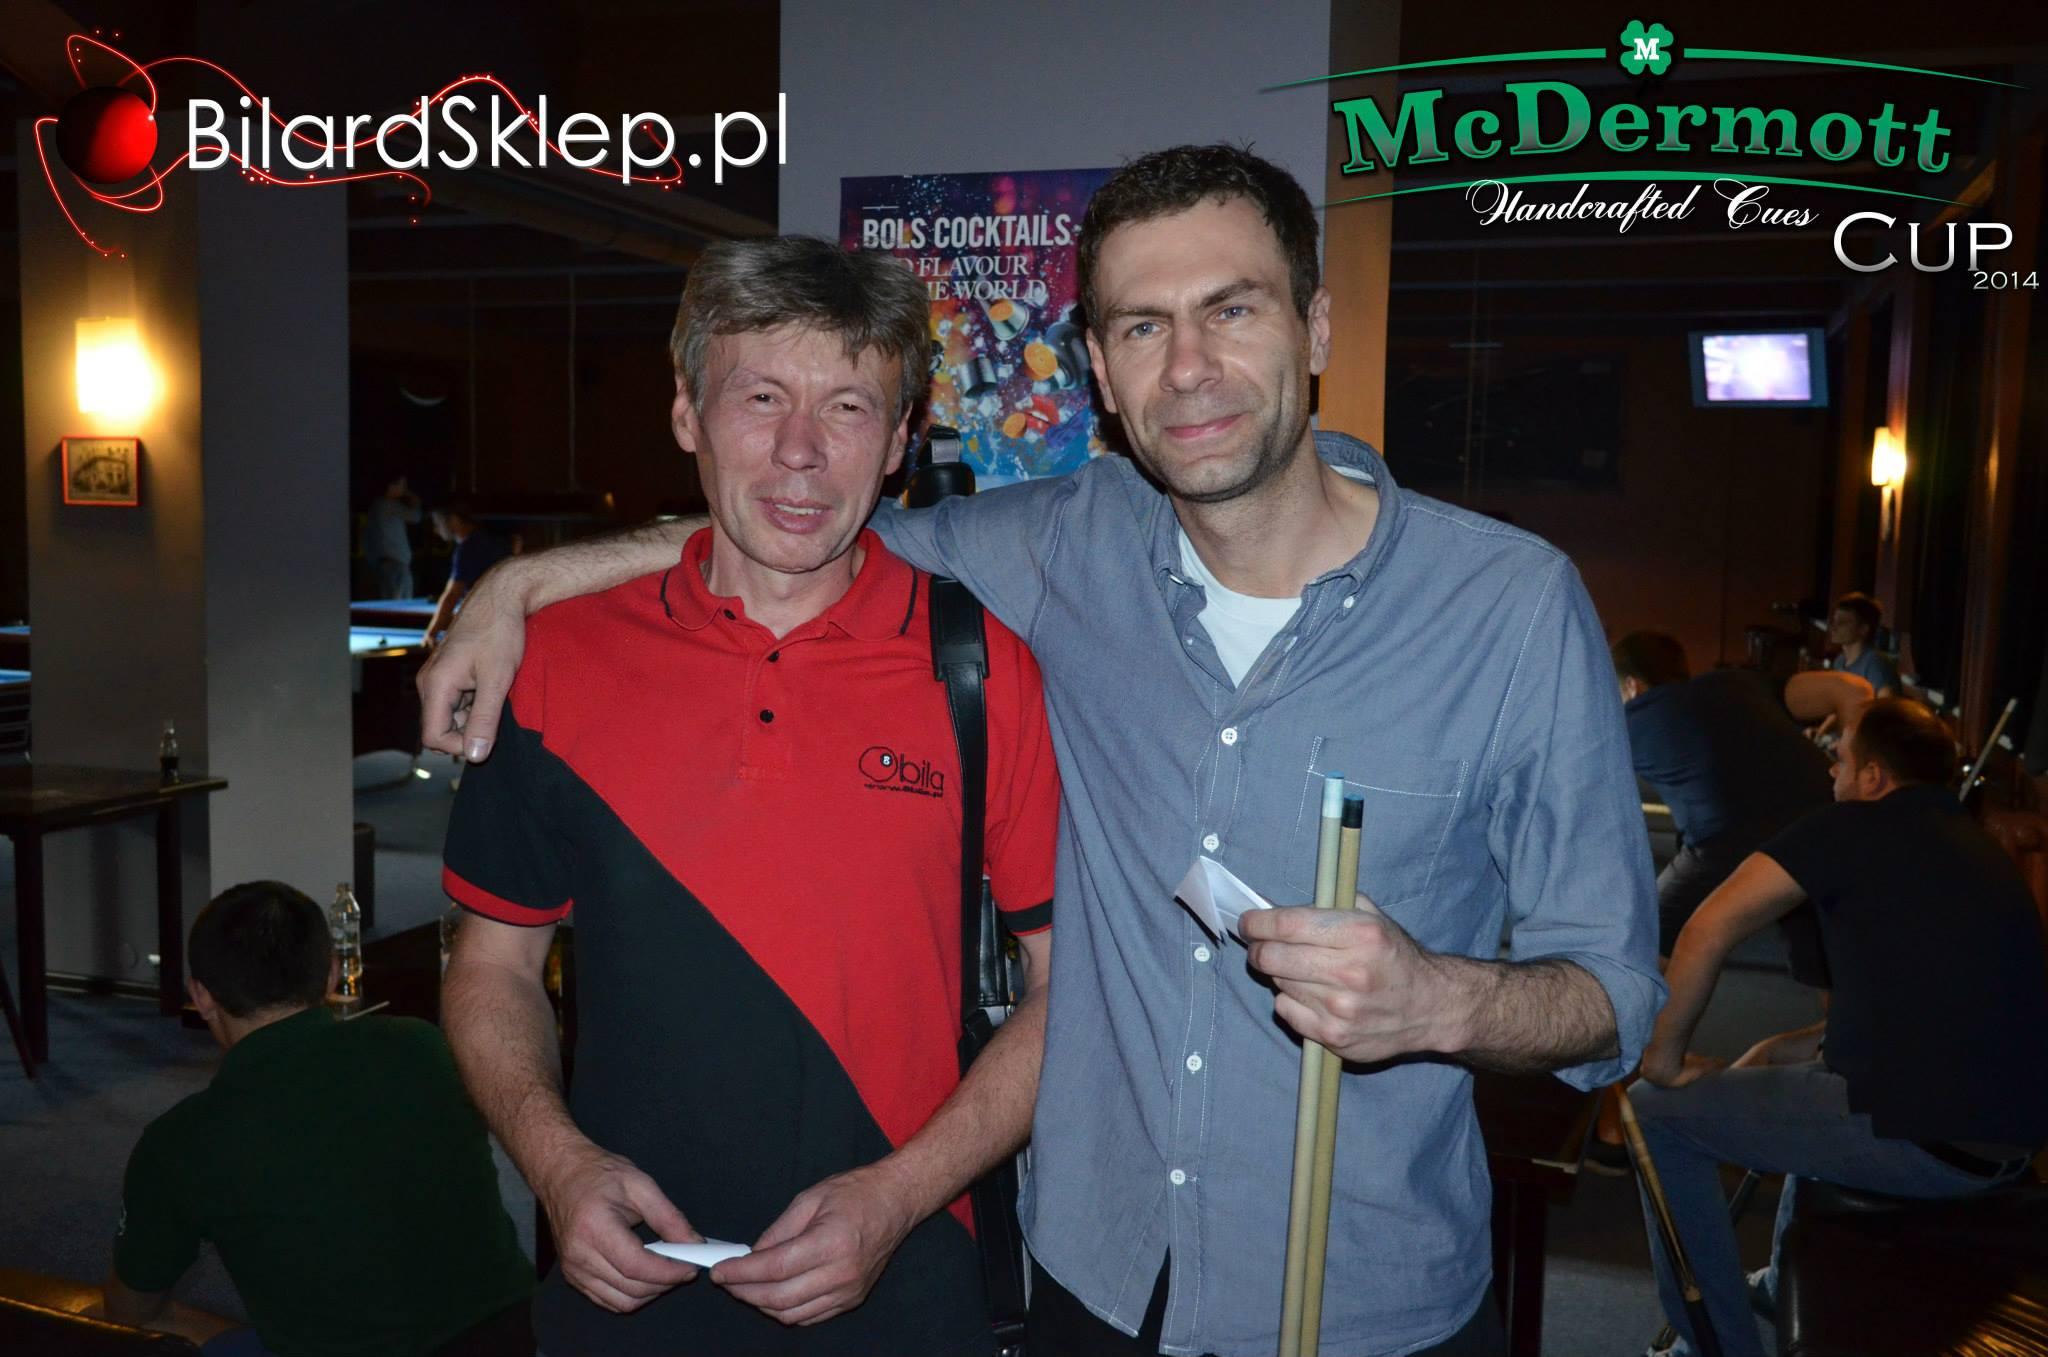 McDermott Cup 2014 | Tomasz Młodziński & Bartek Czapski